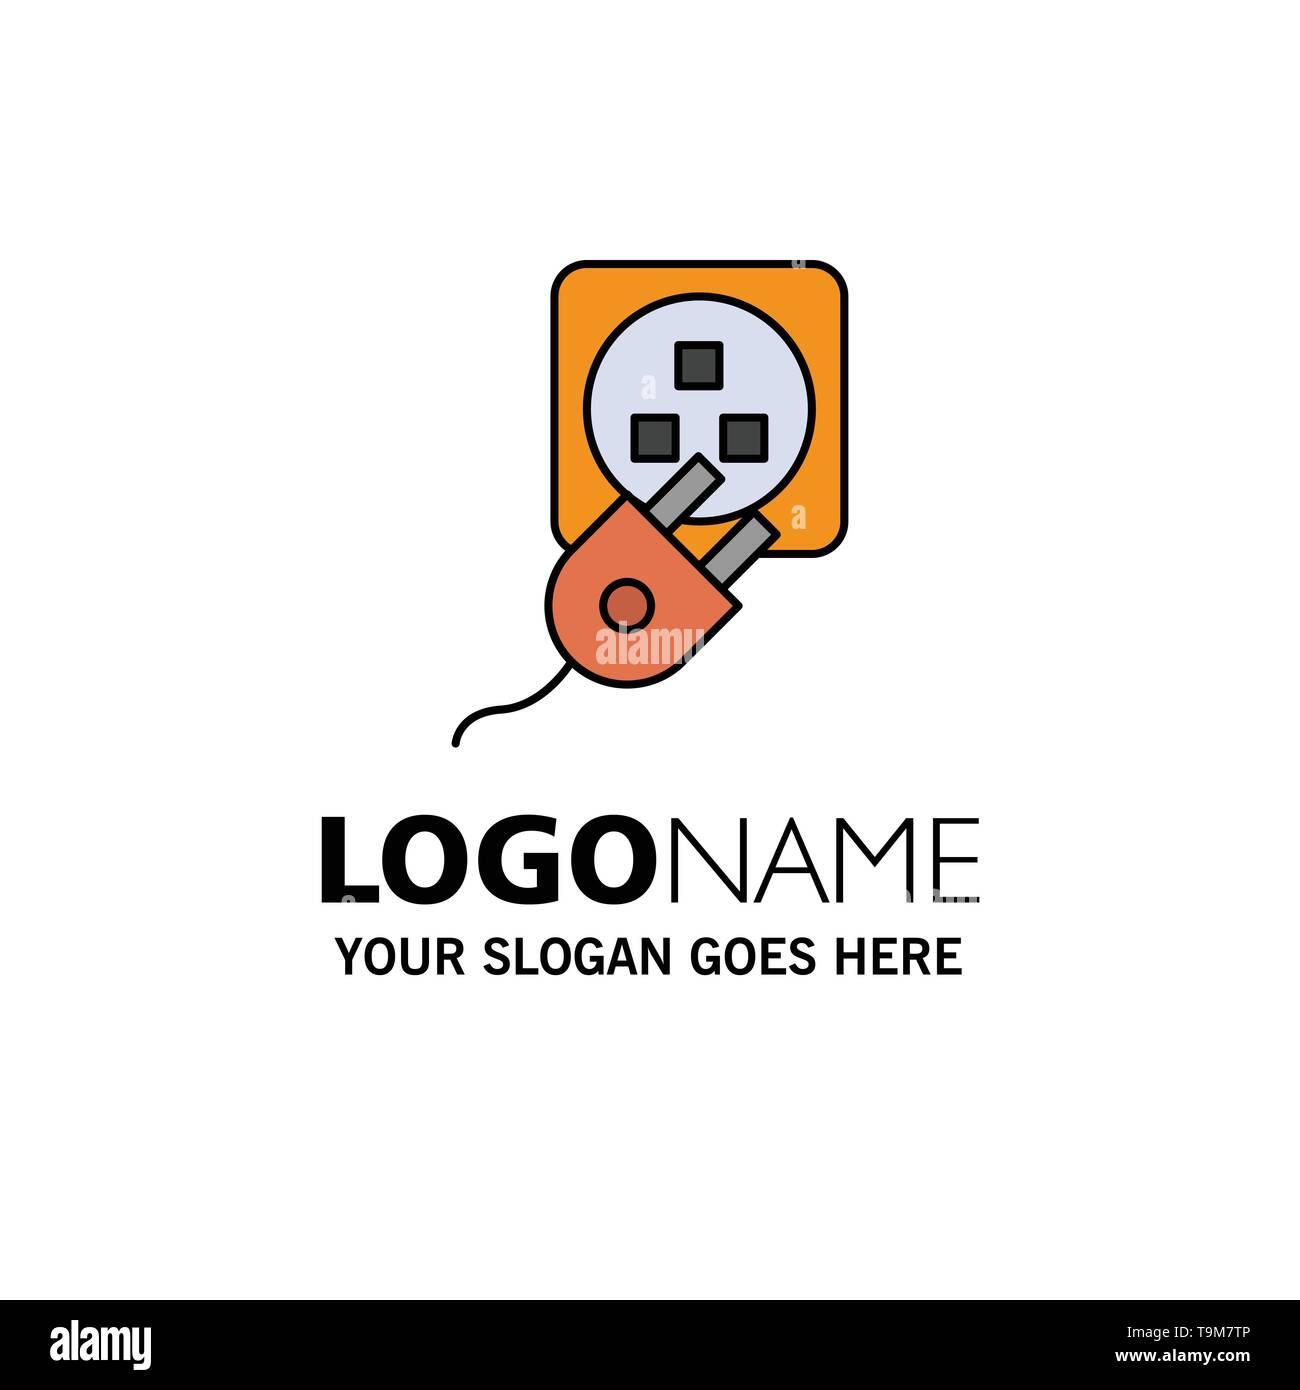 Stecker, elektrisch, Elektrische, Netzkabel, kostenlos Business Logo Vorlage. Flachen Farbe Stockbild